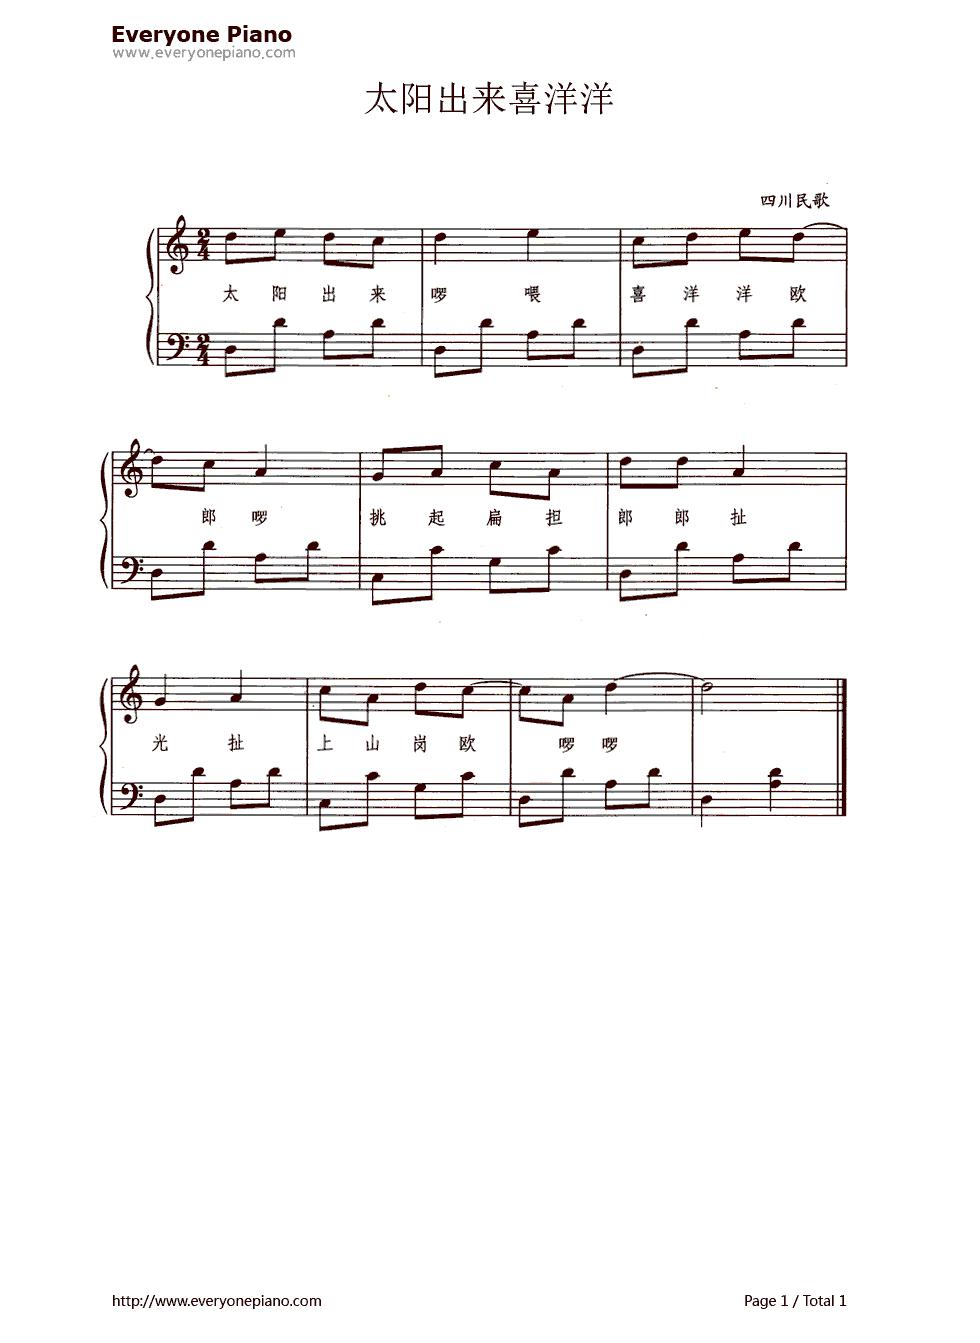 钢琴曲谱 练习曲 太阳出来喜洋洋(带歌词版) 太阳出来喜洋洋(带歌词版